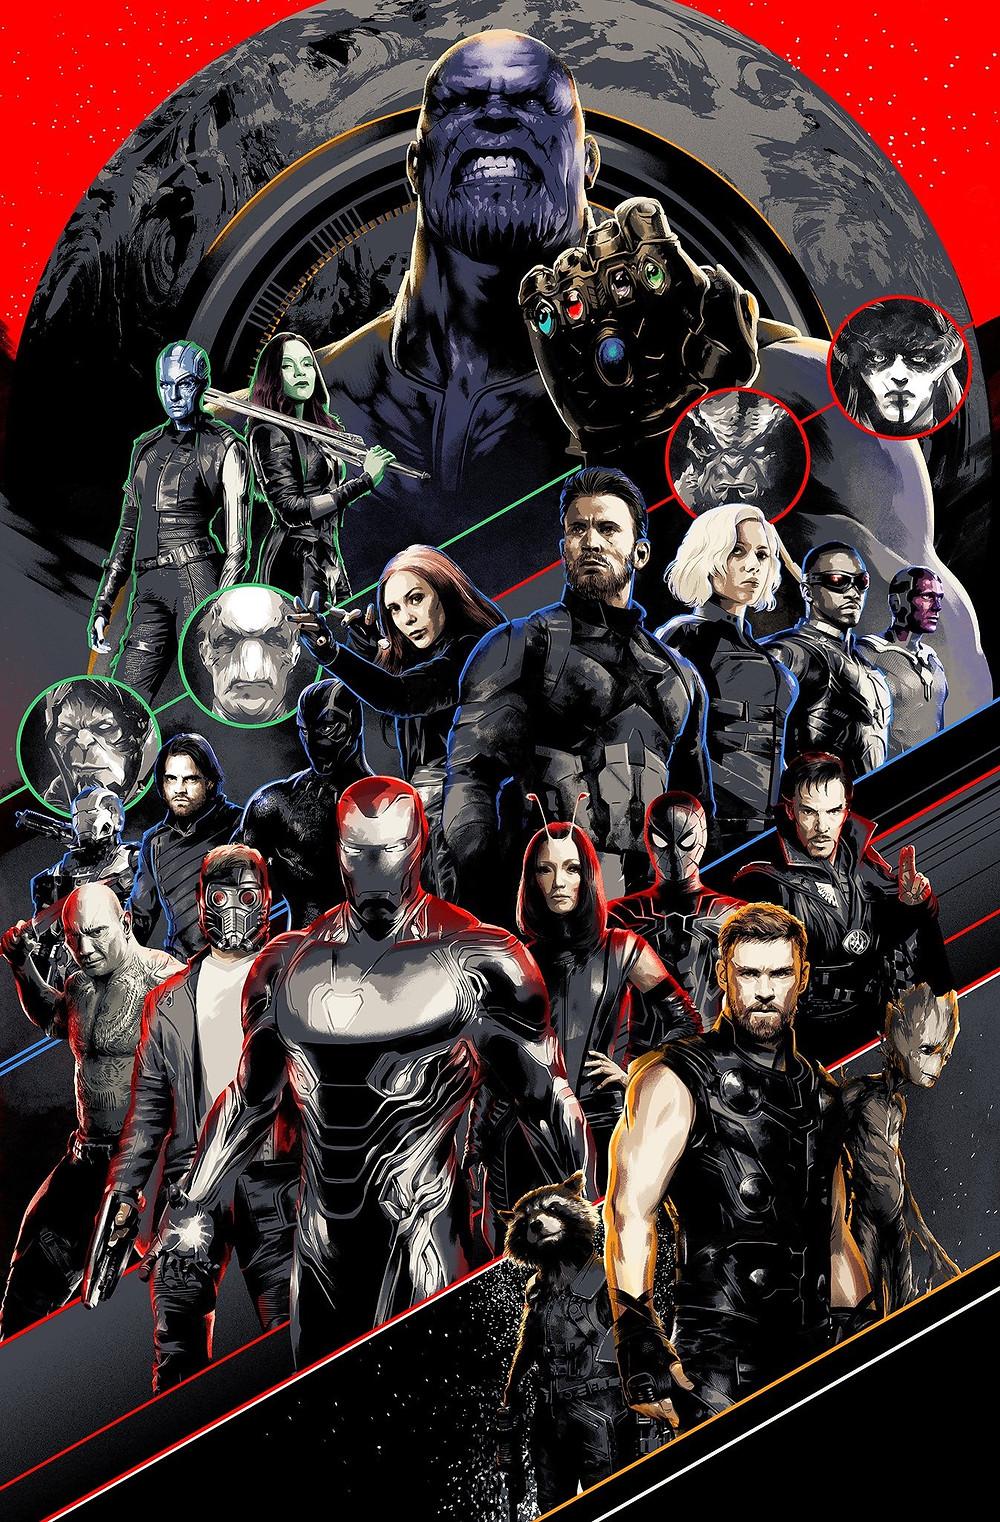 Novo poster de Vingadores: Guerra Infinita mostra heróis e vilões juntos - (Imagem: Marvel/Marketing/Divulgação)